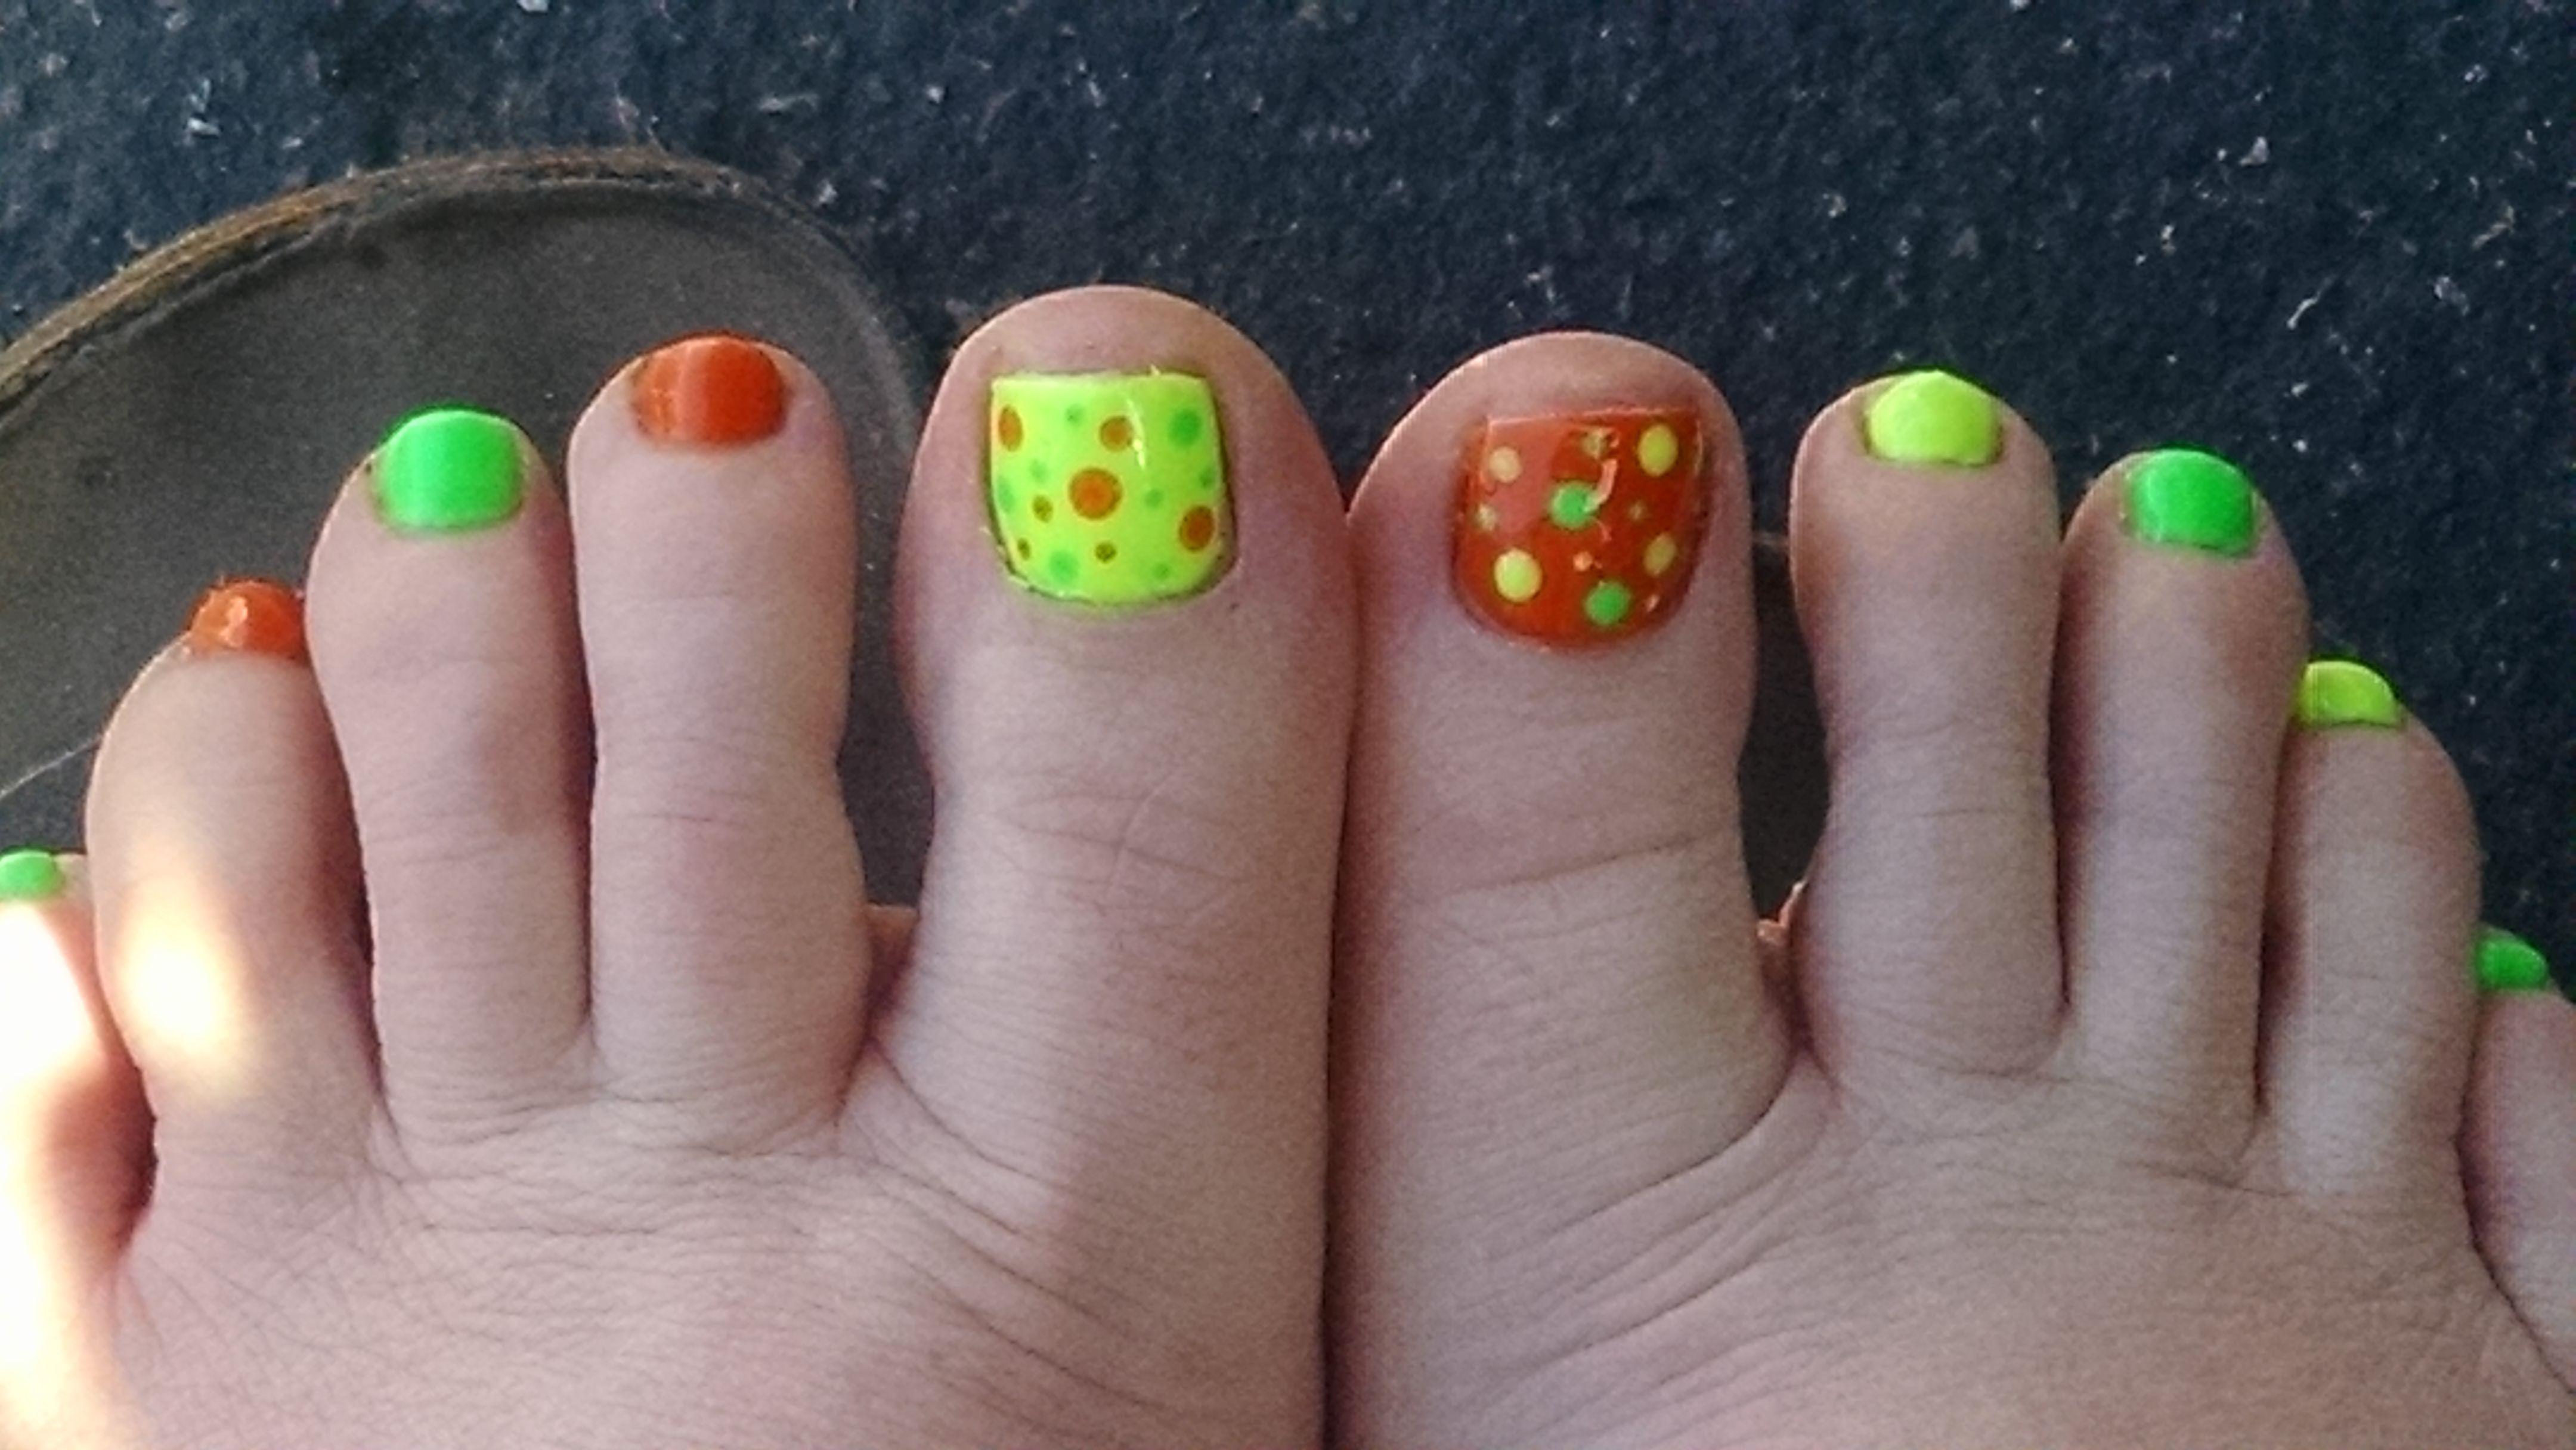 Fun toes. nails by Dary of Dary's Nail Spot, Tacoma WA